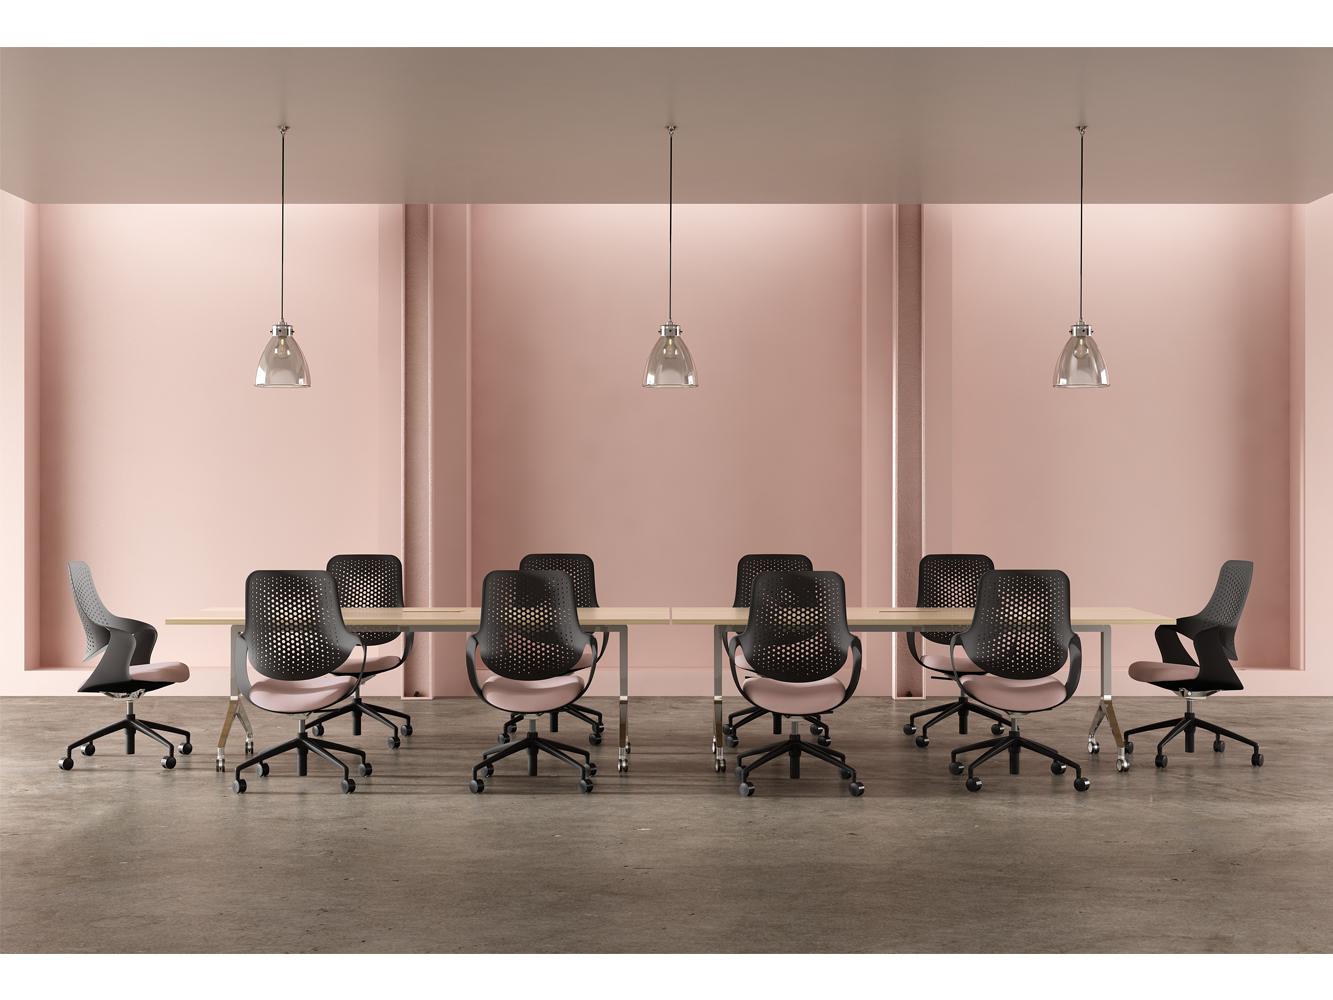 pix-us-cg-pink-meeting